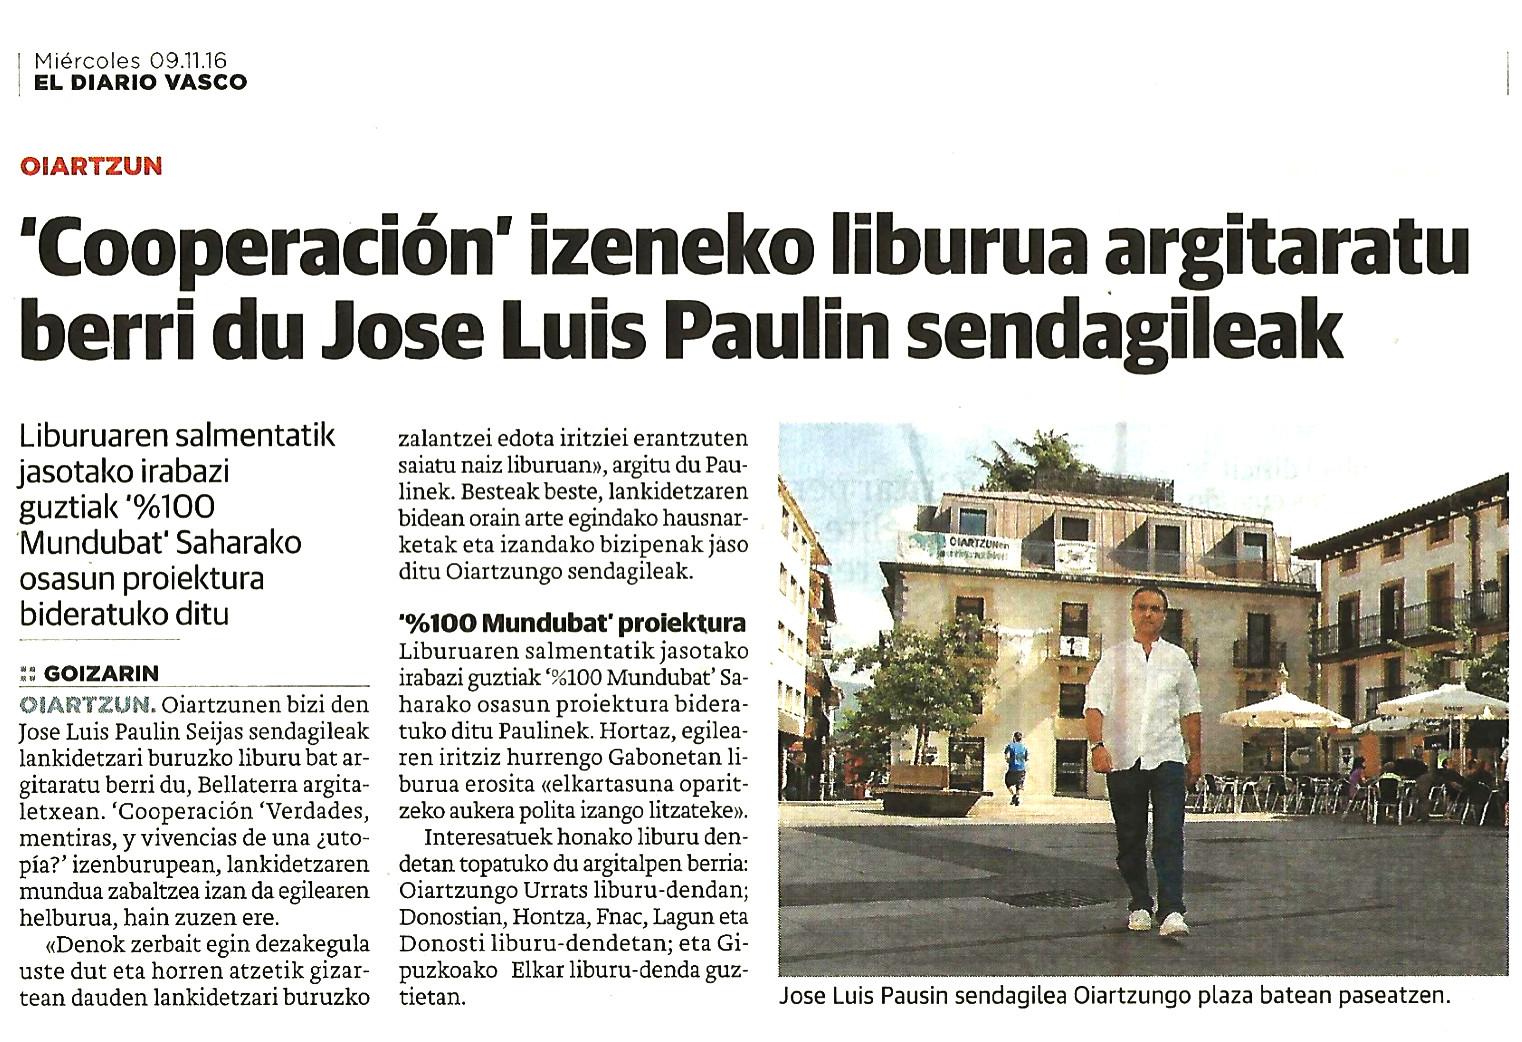 09-11-2016-diario-vasco-articulo-paulin